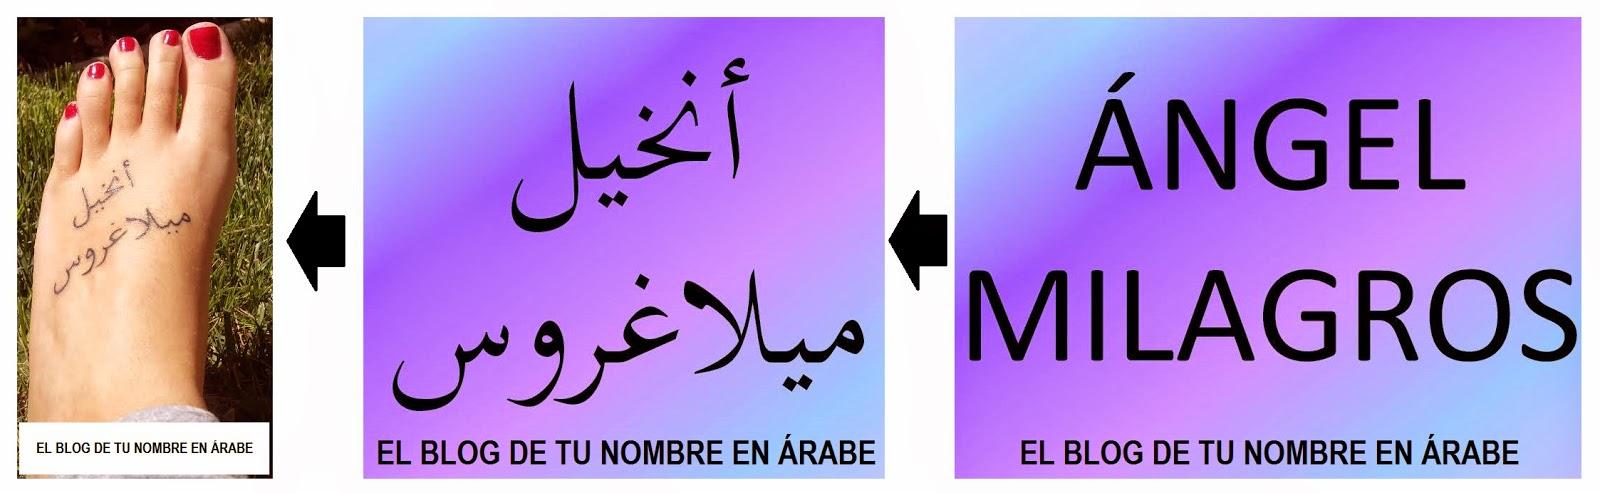 Como Puedo Escribir Mi Nombre En Arabe En Facebook tu nombre en Árabe: abril 2014